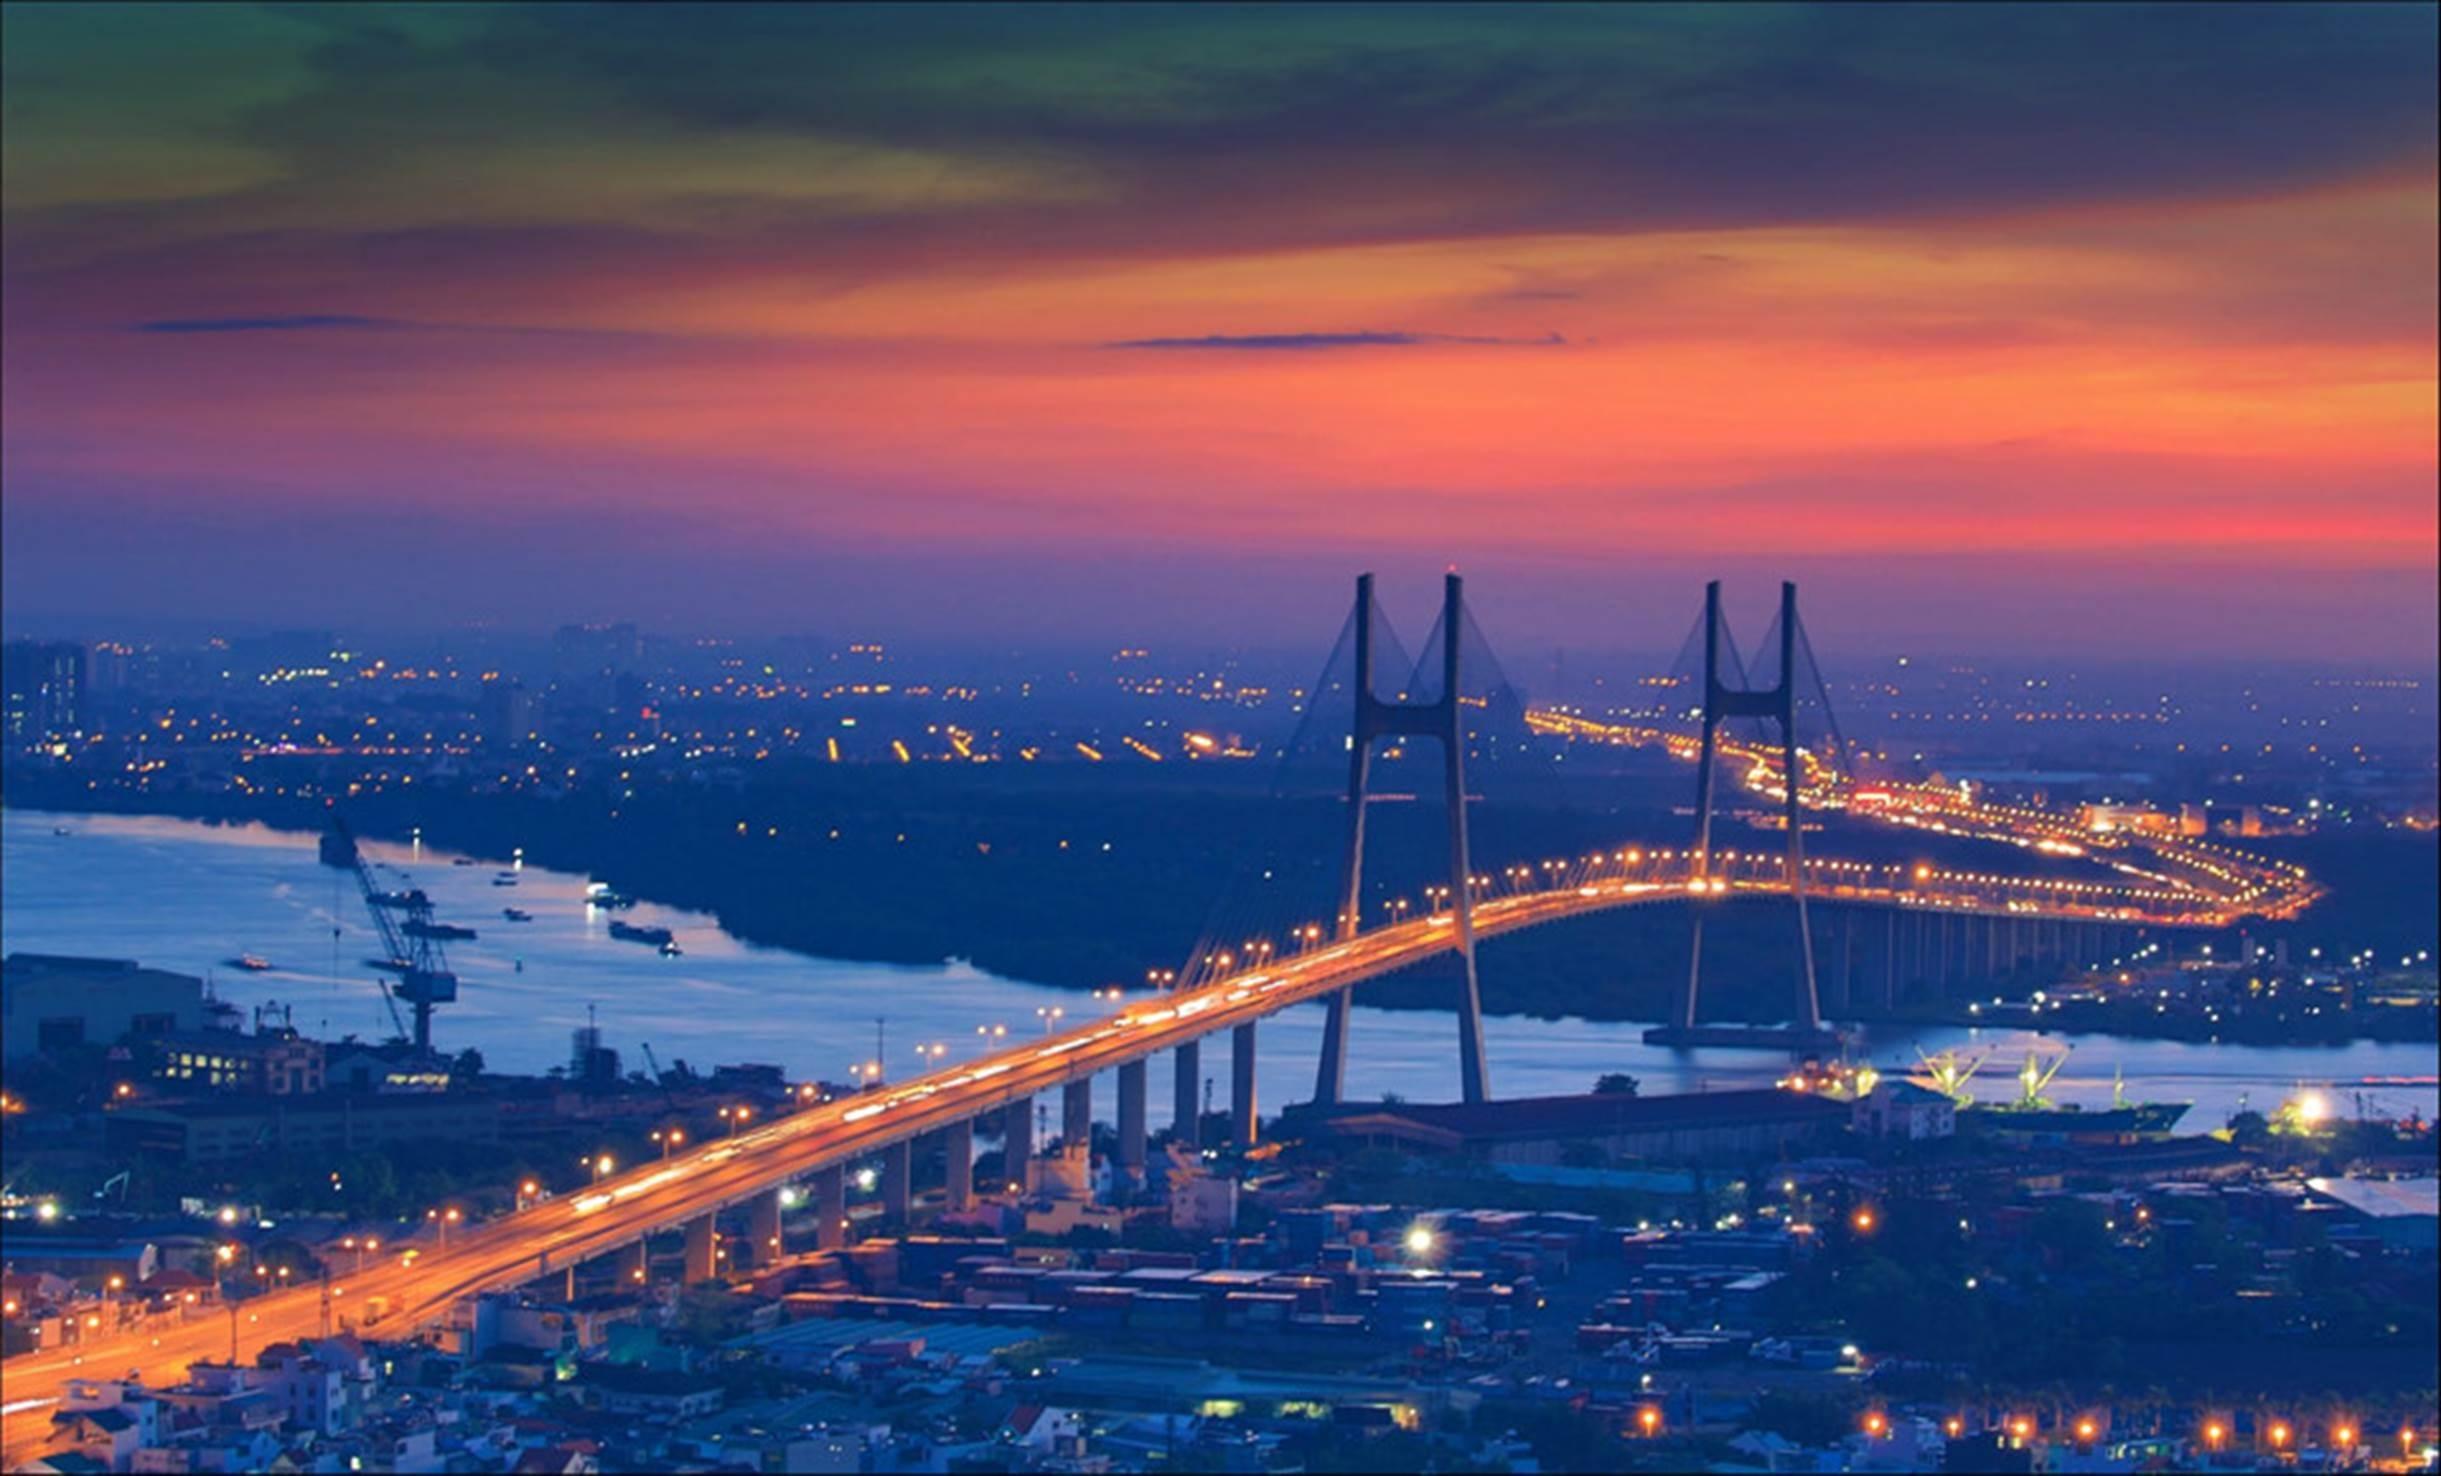 Sài Gòn hoa lệ lung linh ánh đèn trong 'Dấu ấn Việt Nam'-10